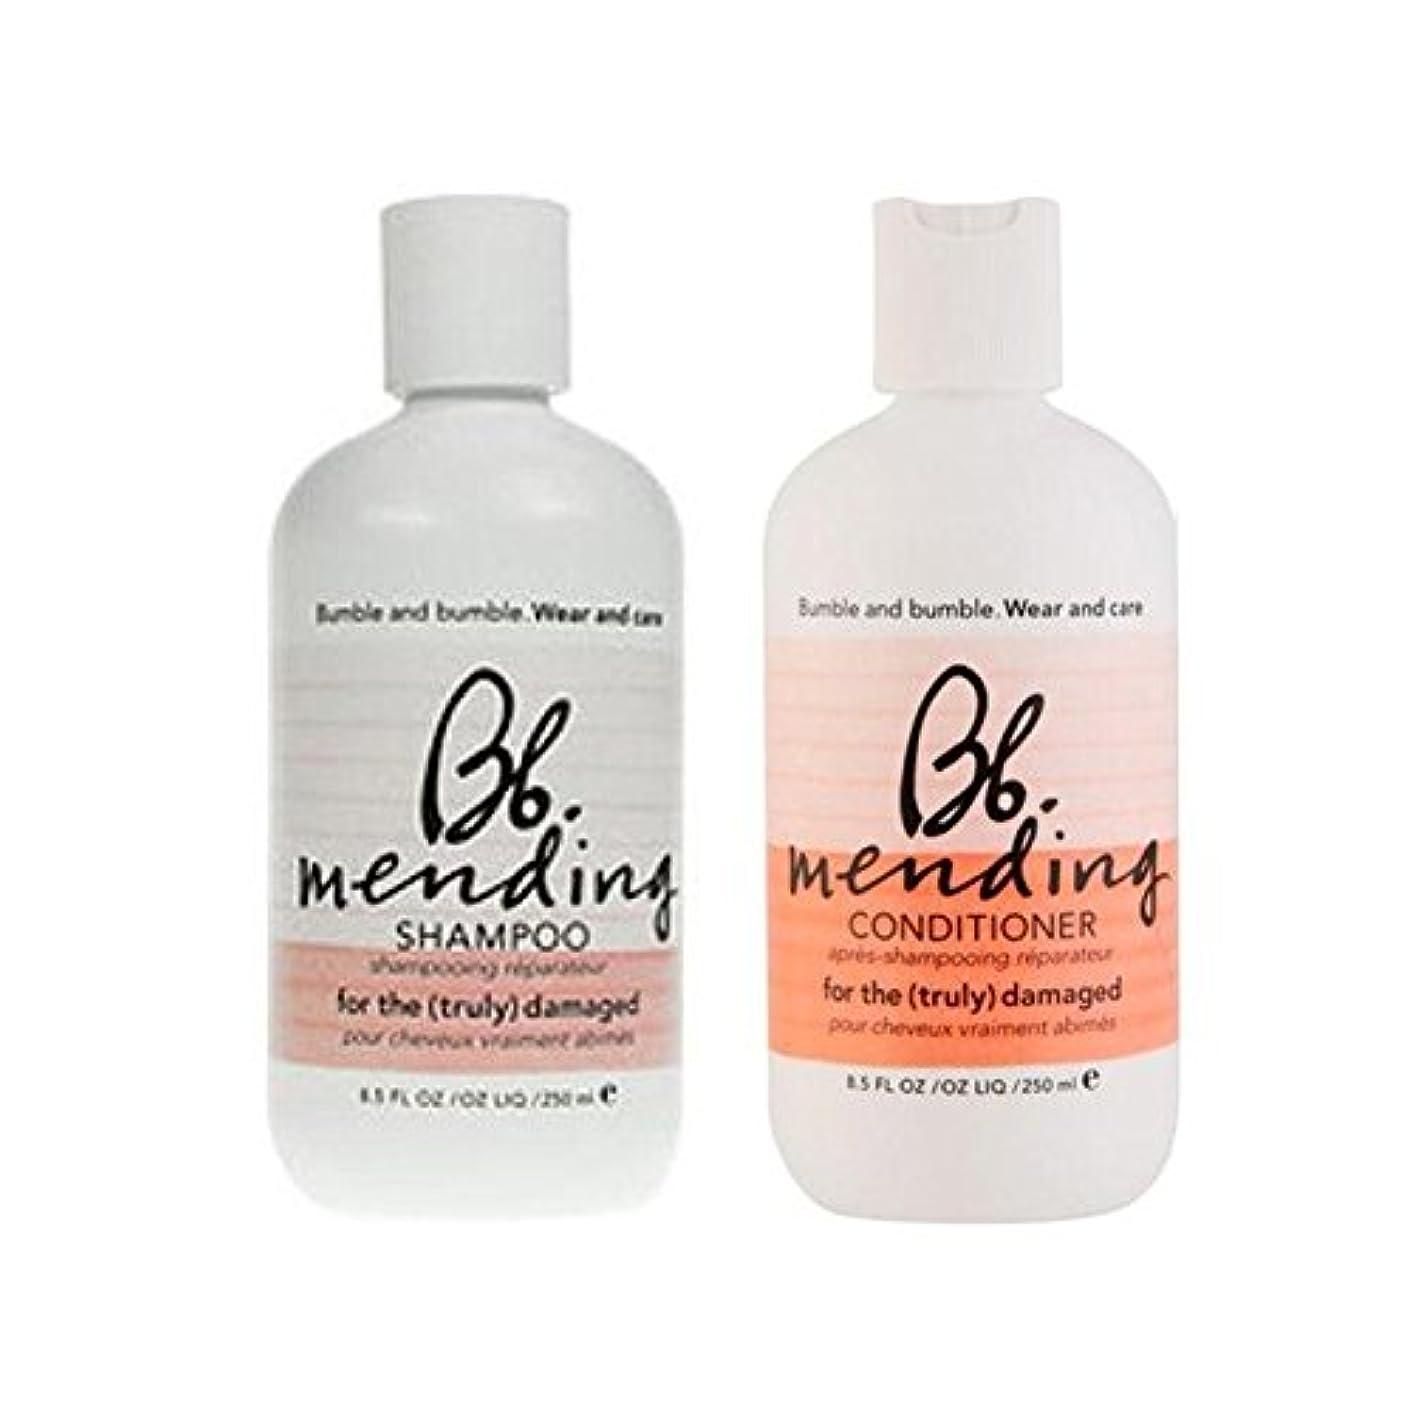 フルーツ野菜おばさん怖がらせる着用し、-シャンプーとコンディショナーを補修ケア x4 - Bb Wear And Care Mending Duo- Shampoo And Conditioner (Pack of 4) [並行輸入品]